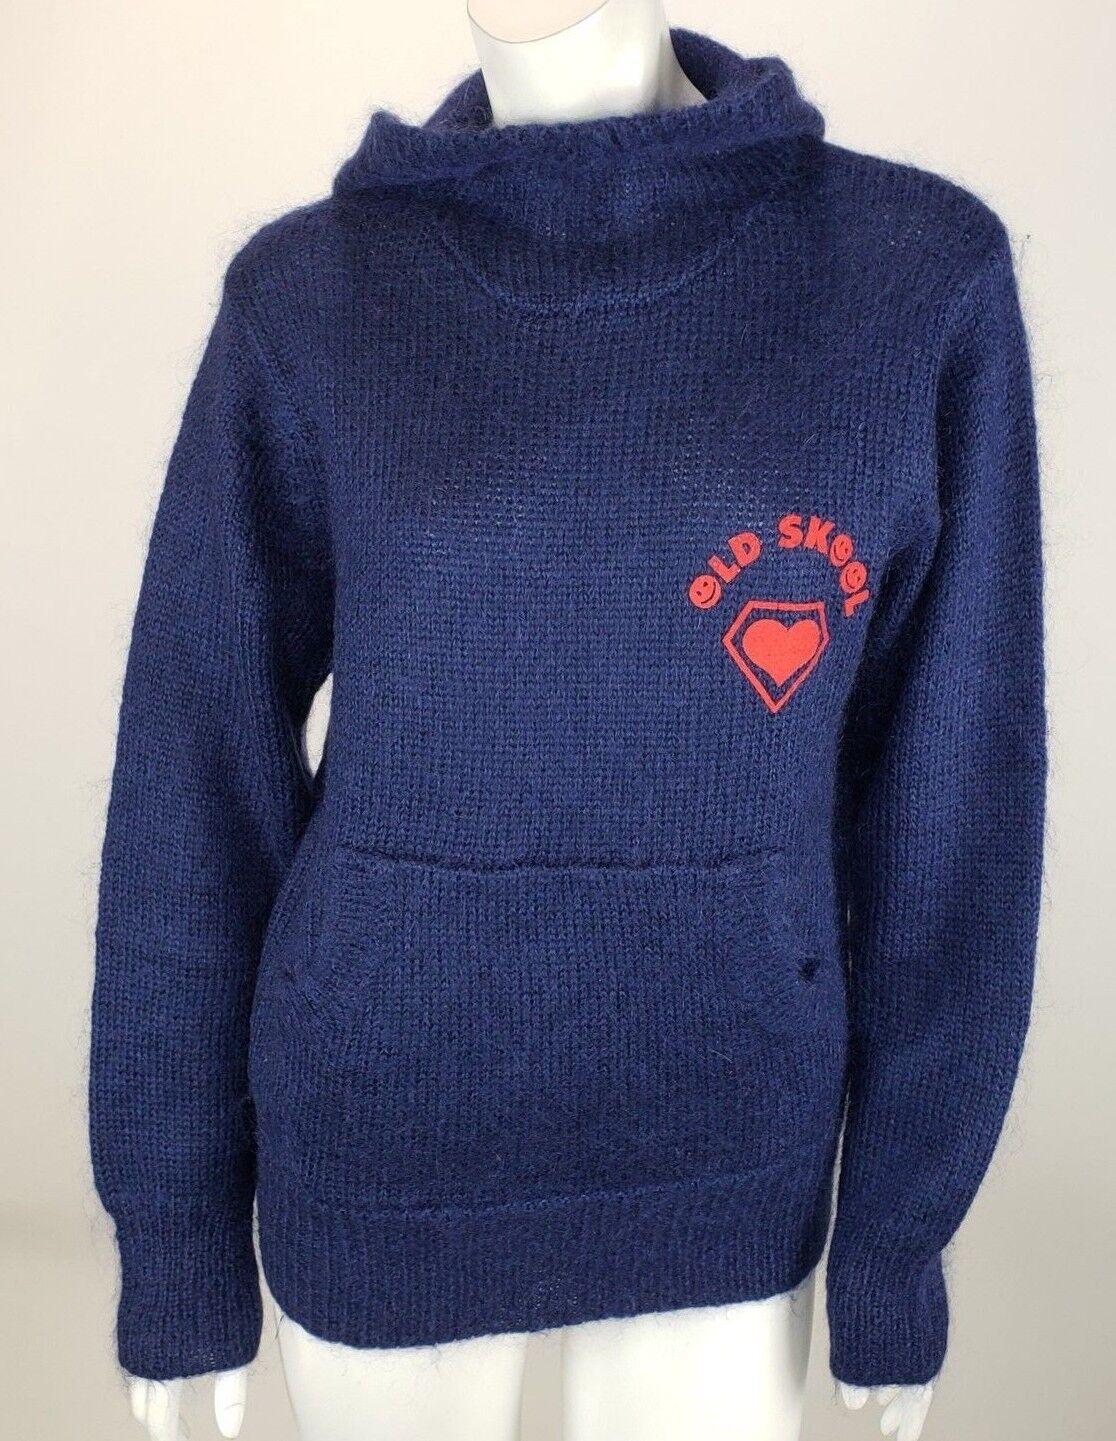 Super Lovers Old Skool Mohair Navy Blau Hoodie Sweater Unisex